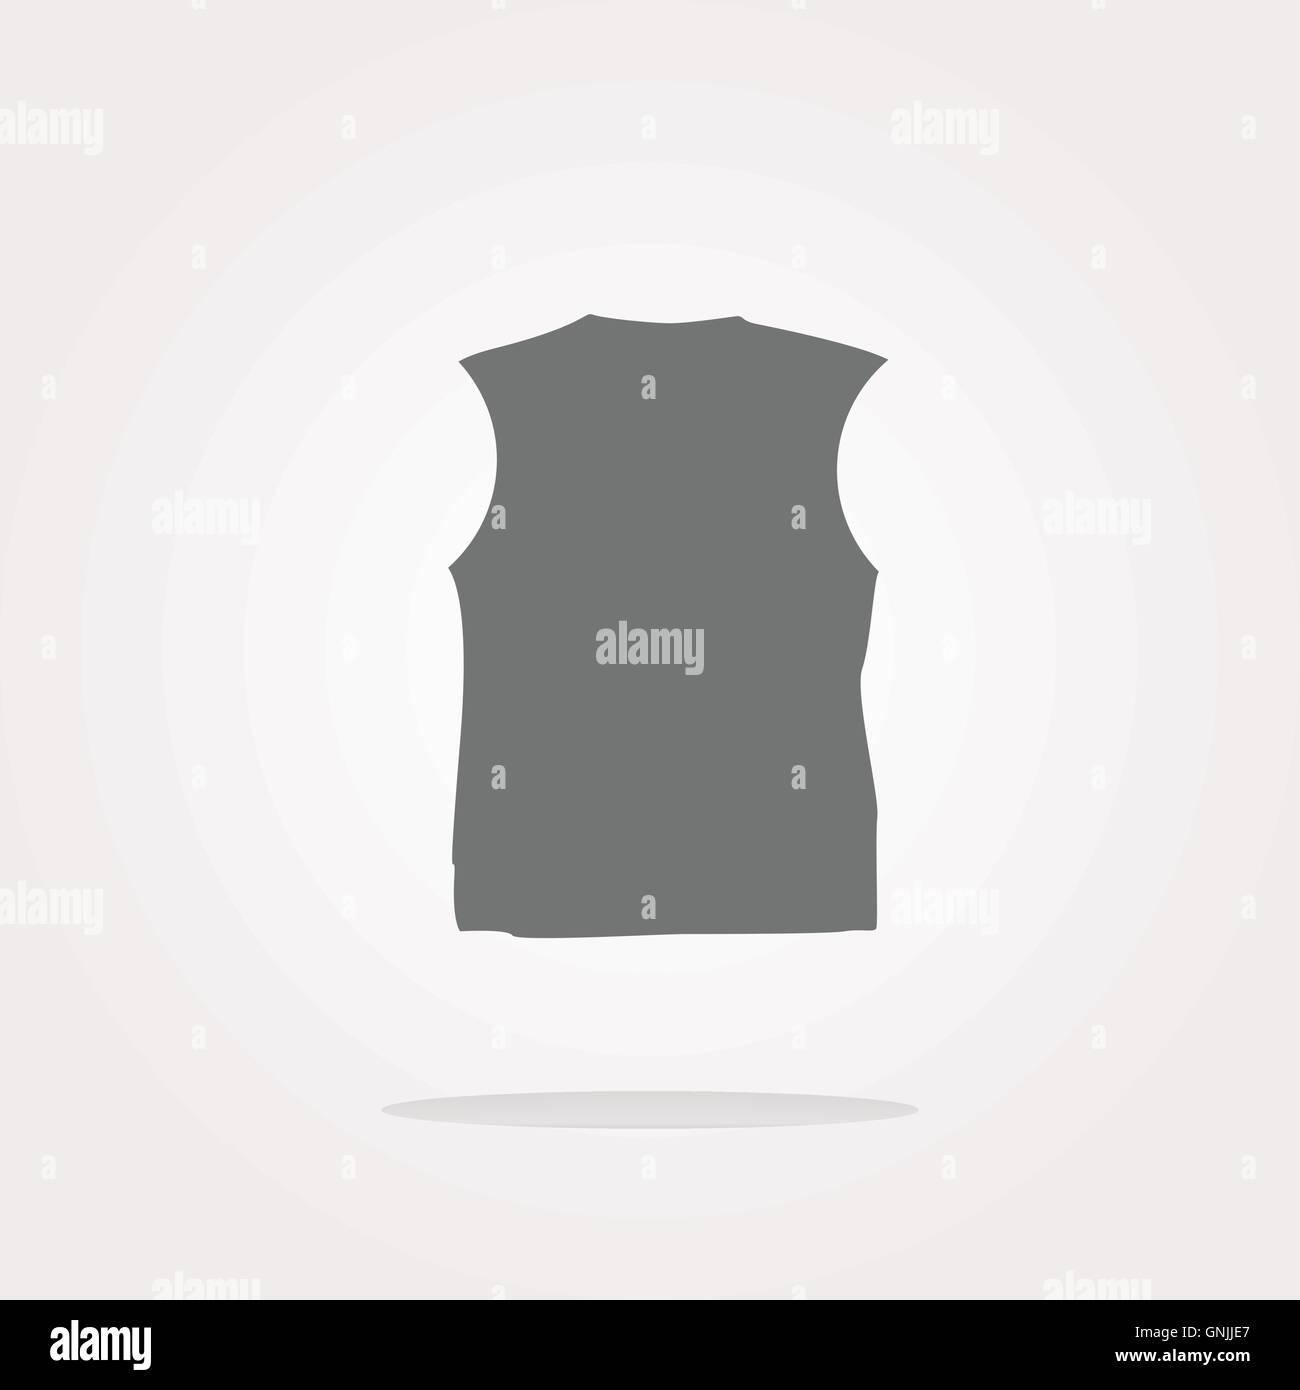 Web Bianco O UomoT Shirt Isolato Abbigliamento Donna Su Per Icona 6gyYfb7